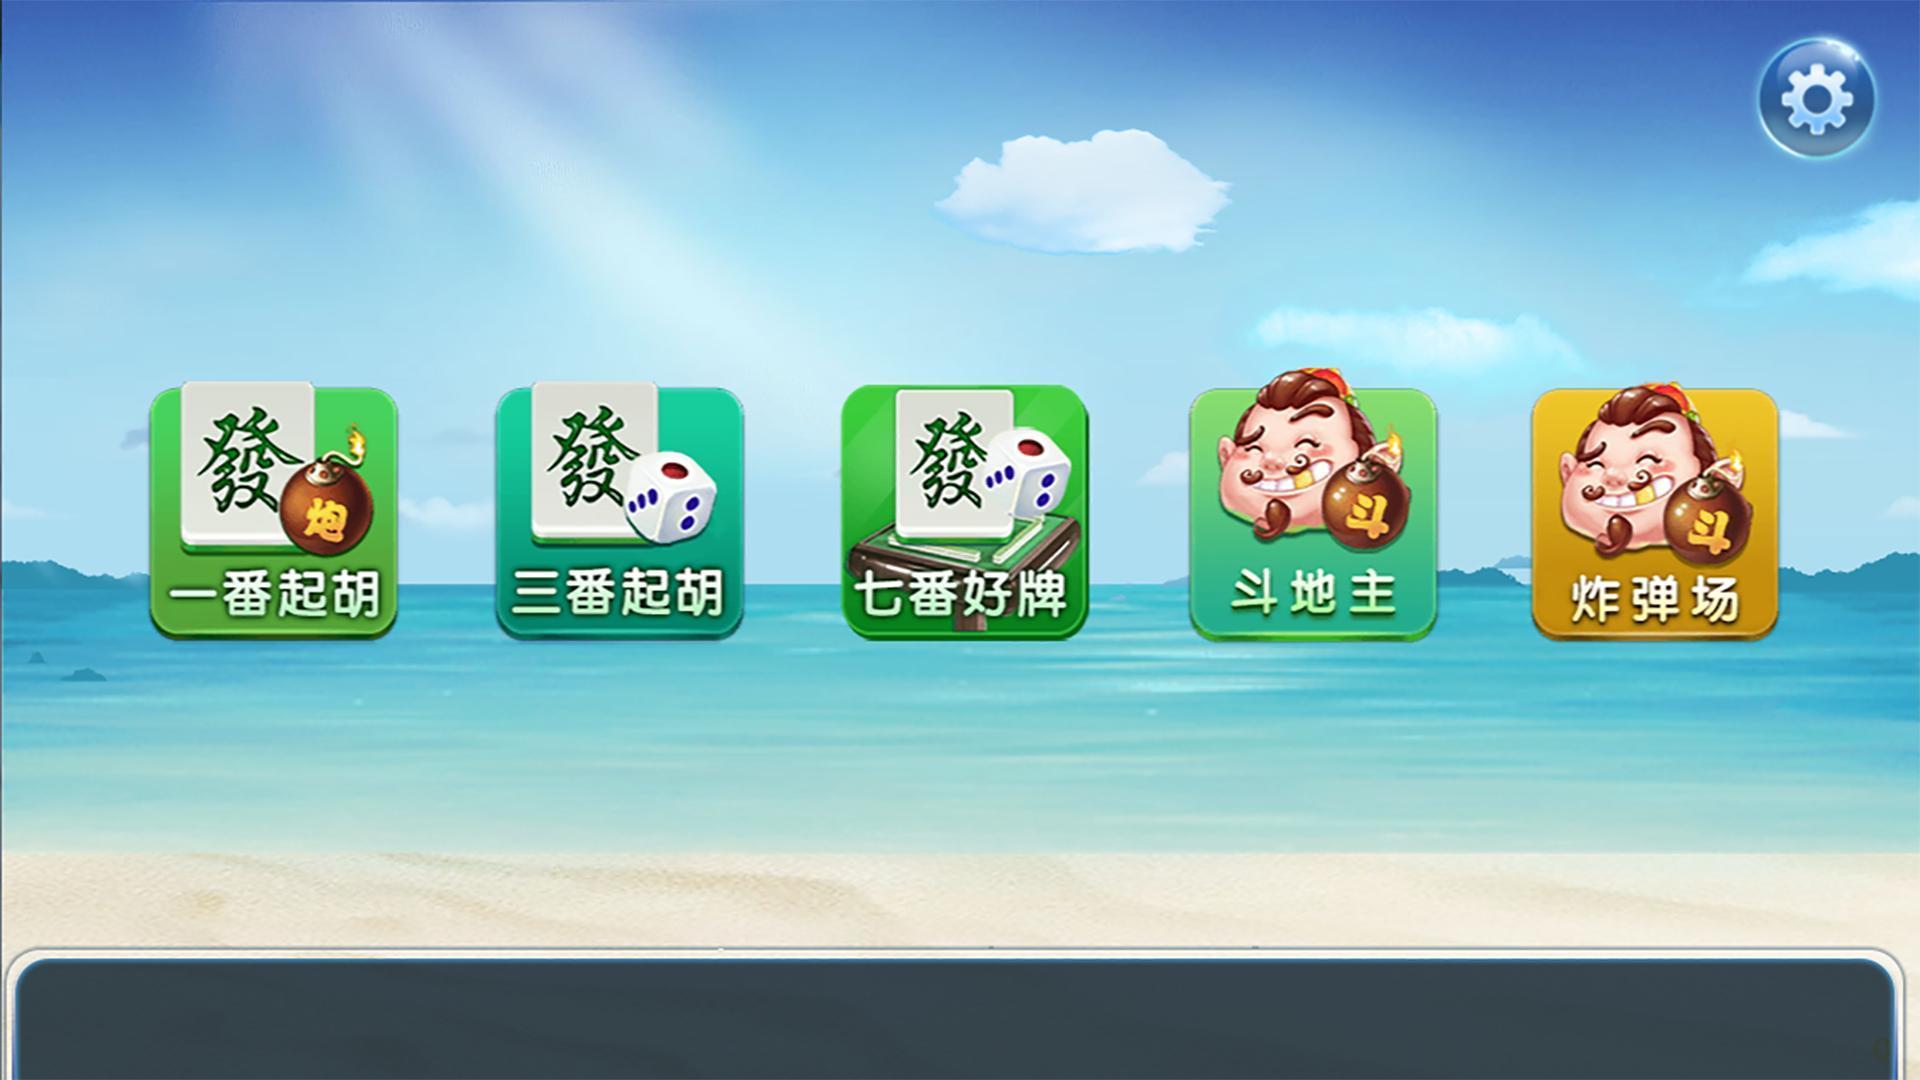 正宗香港麻雀-广东麻将,欢乐斗地主 3.1.8 Screenshot 1